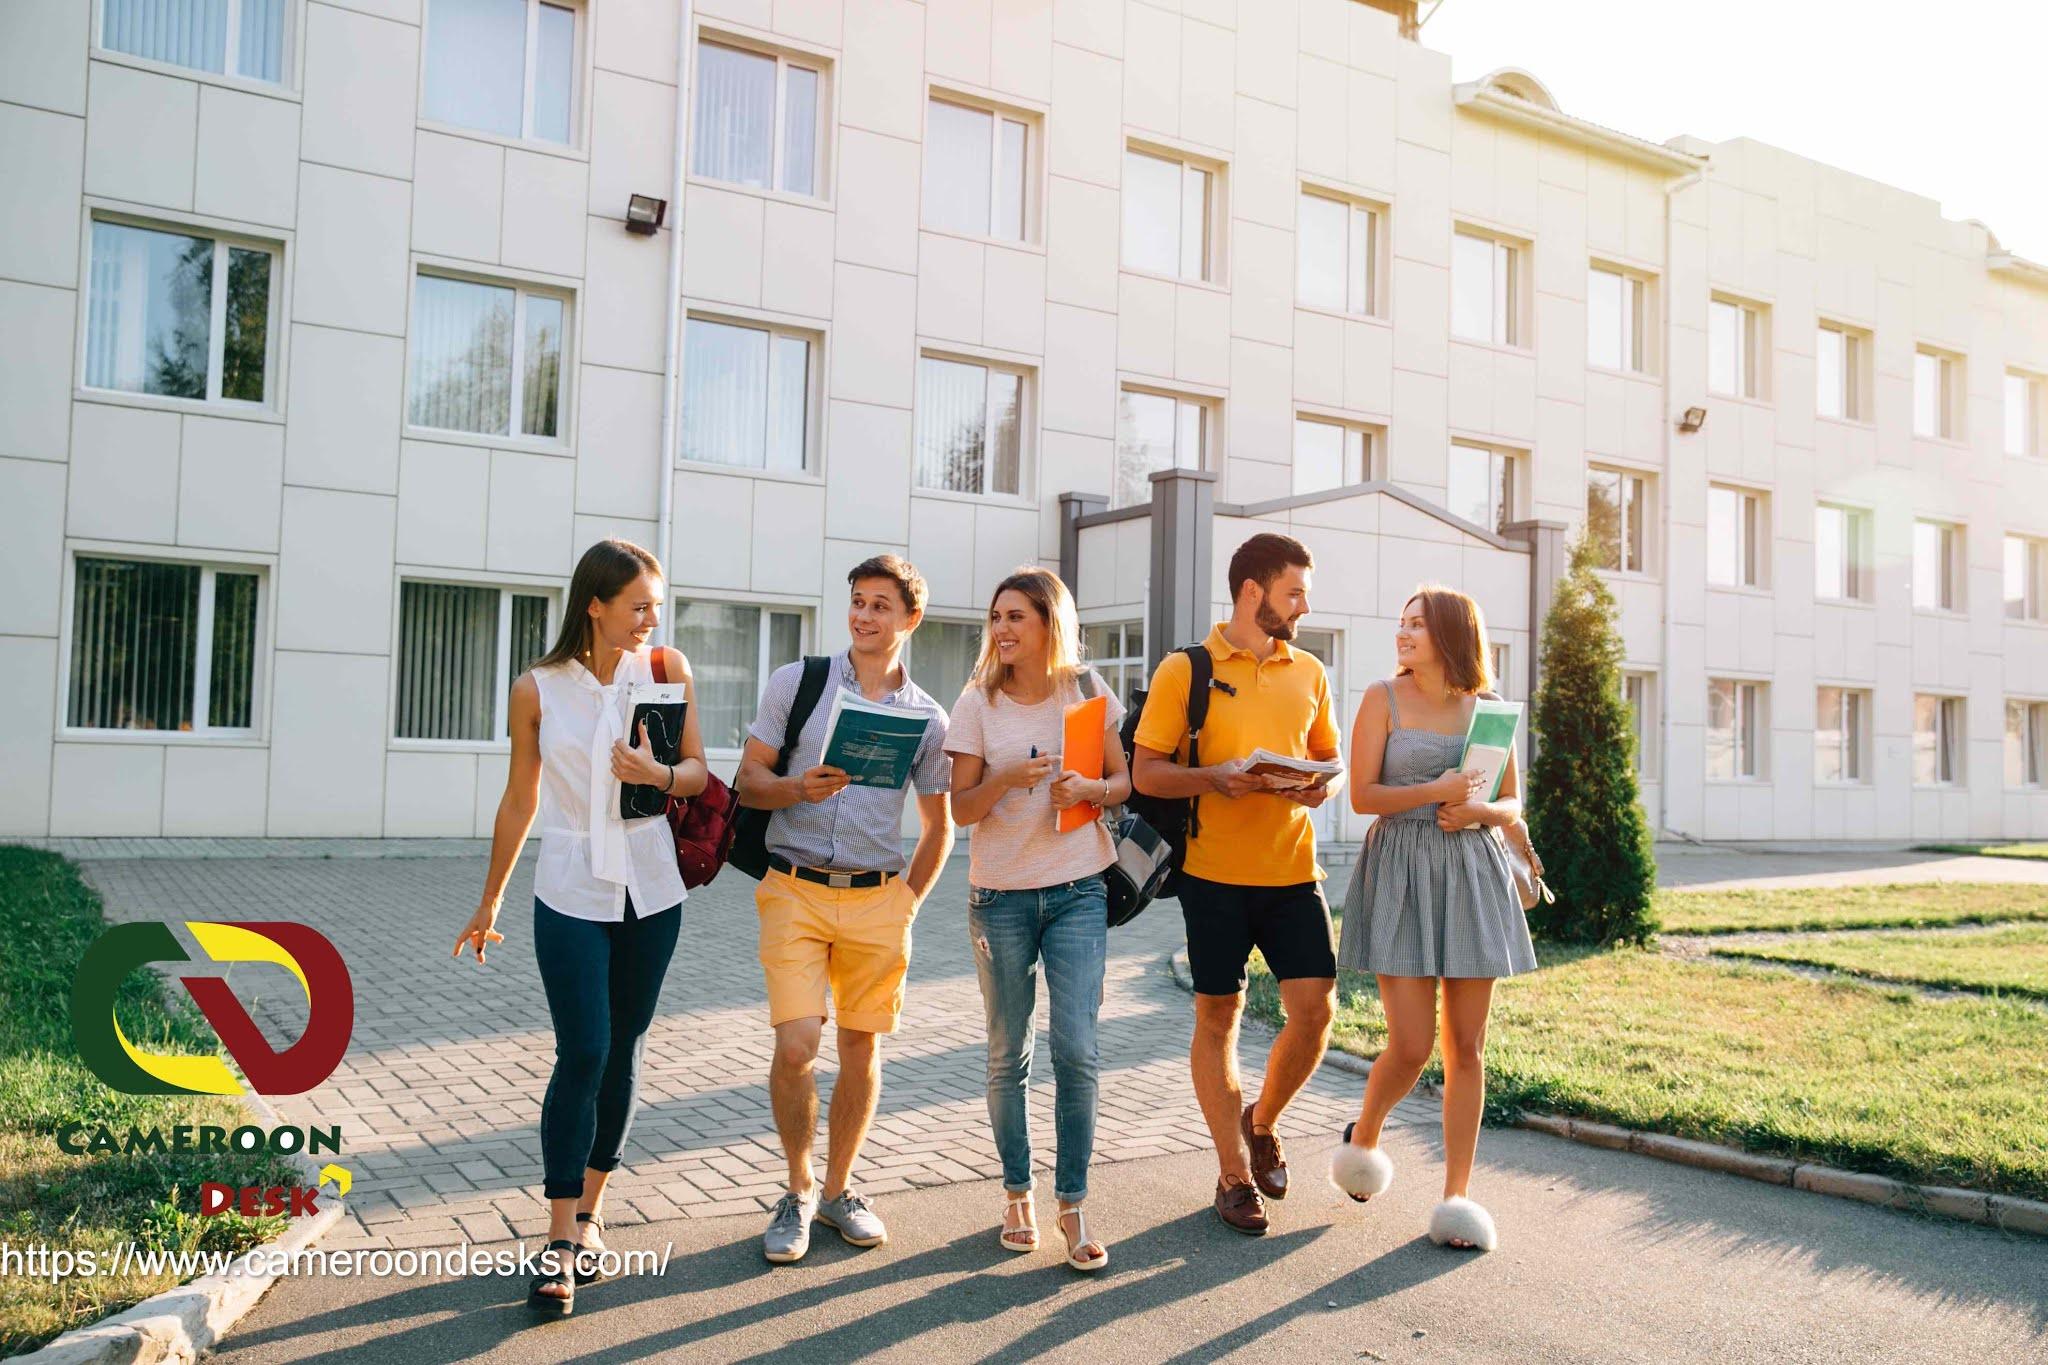 University of Oulu Masters Scholarships 2021/2022